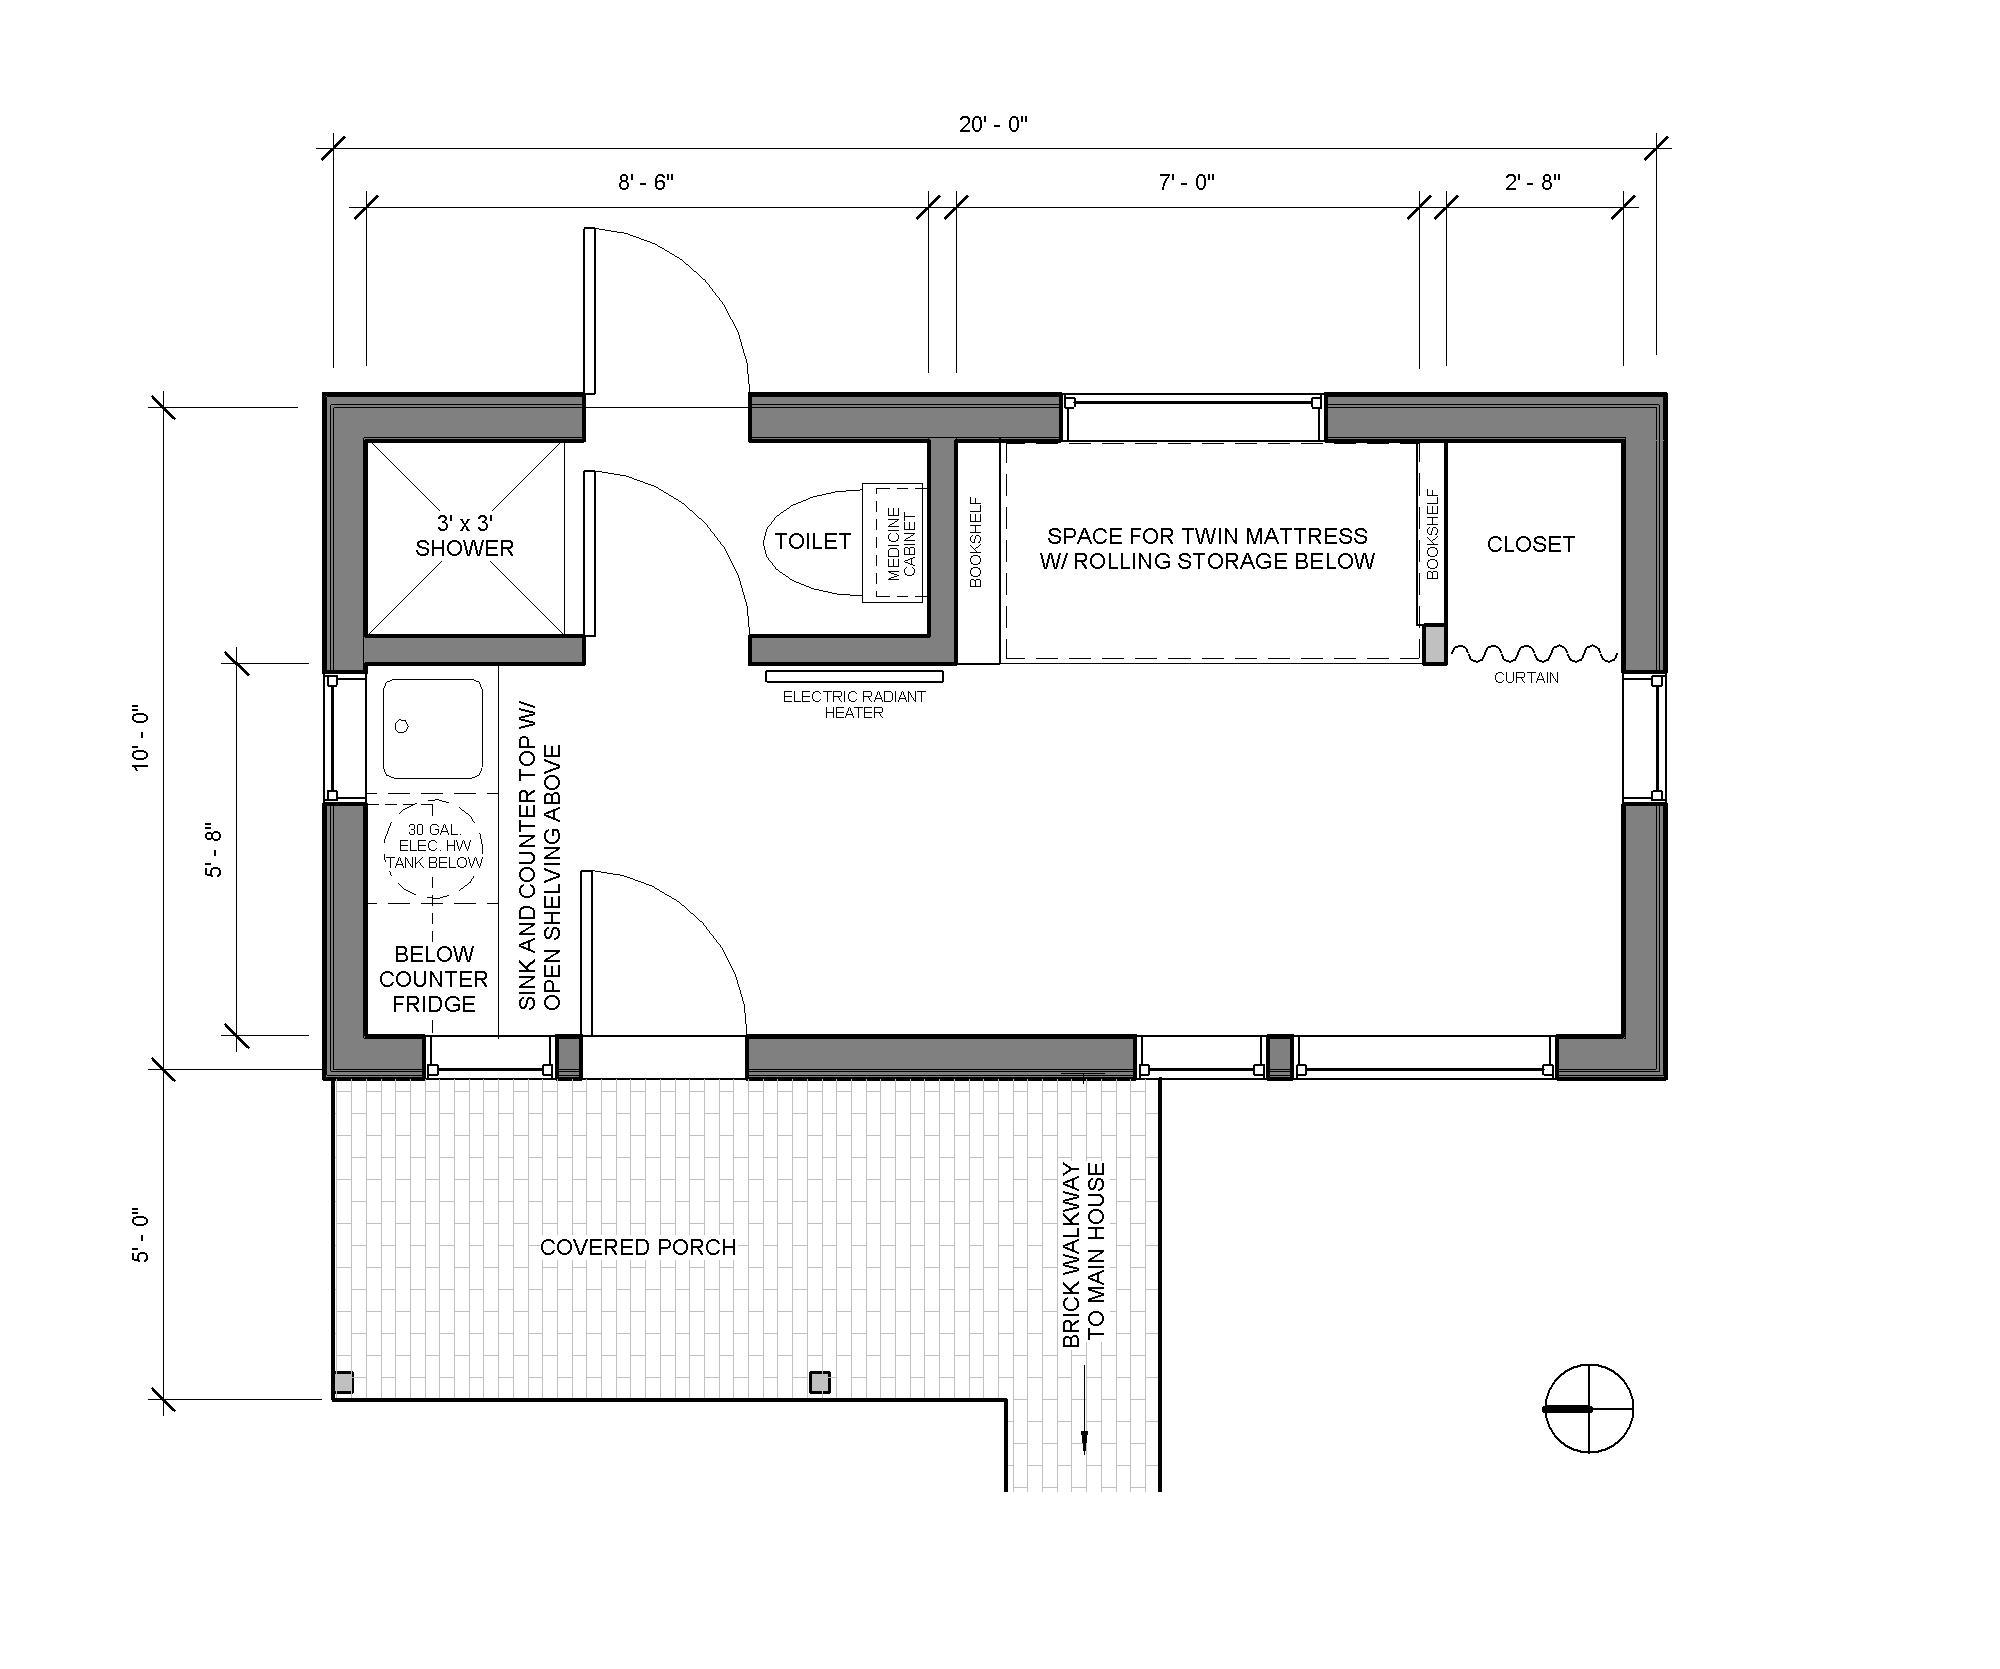 Portland Little House - Detached Bedroom - 200sq' floor plan